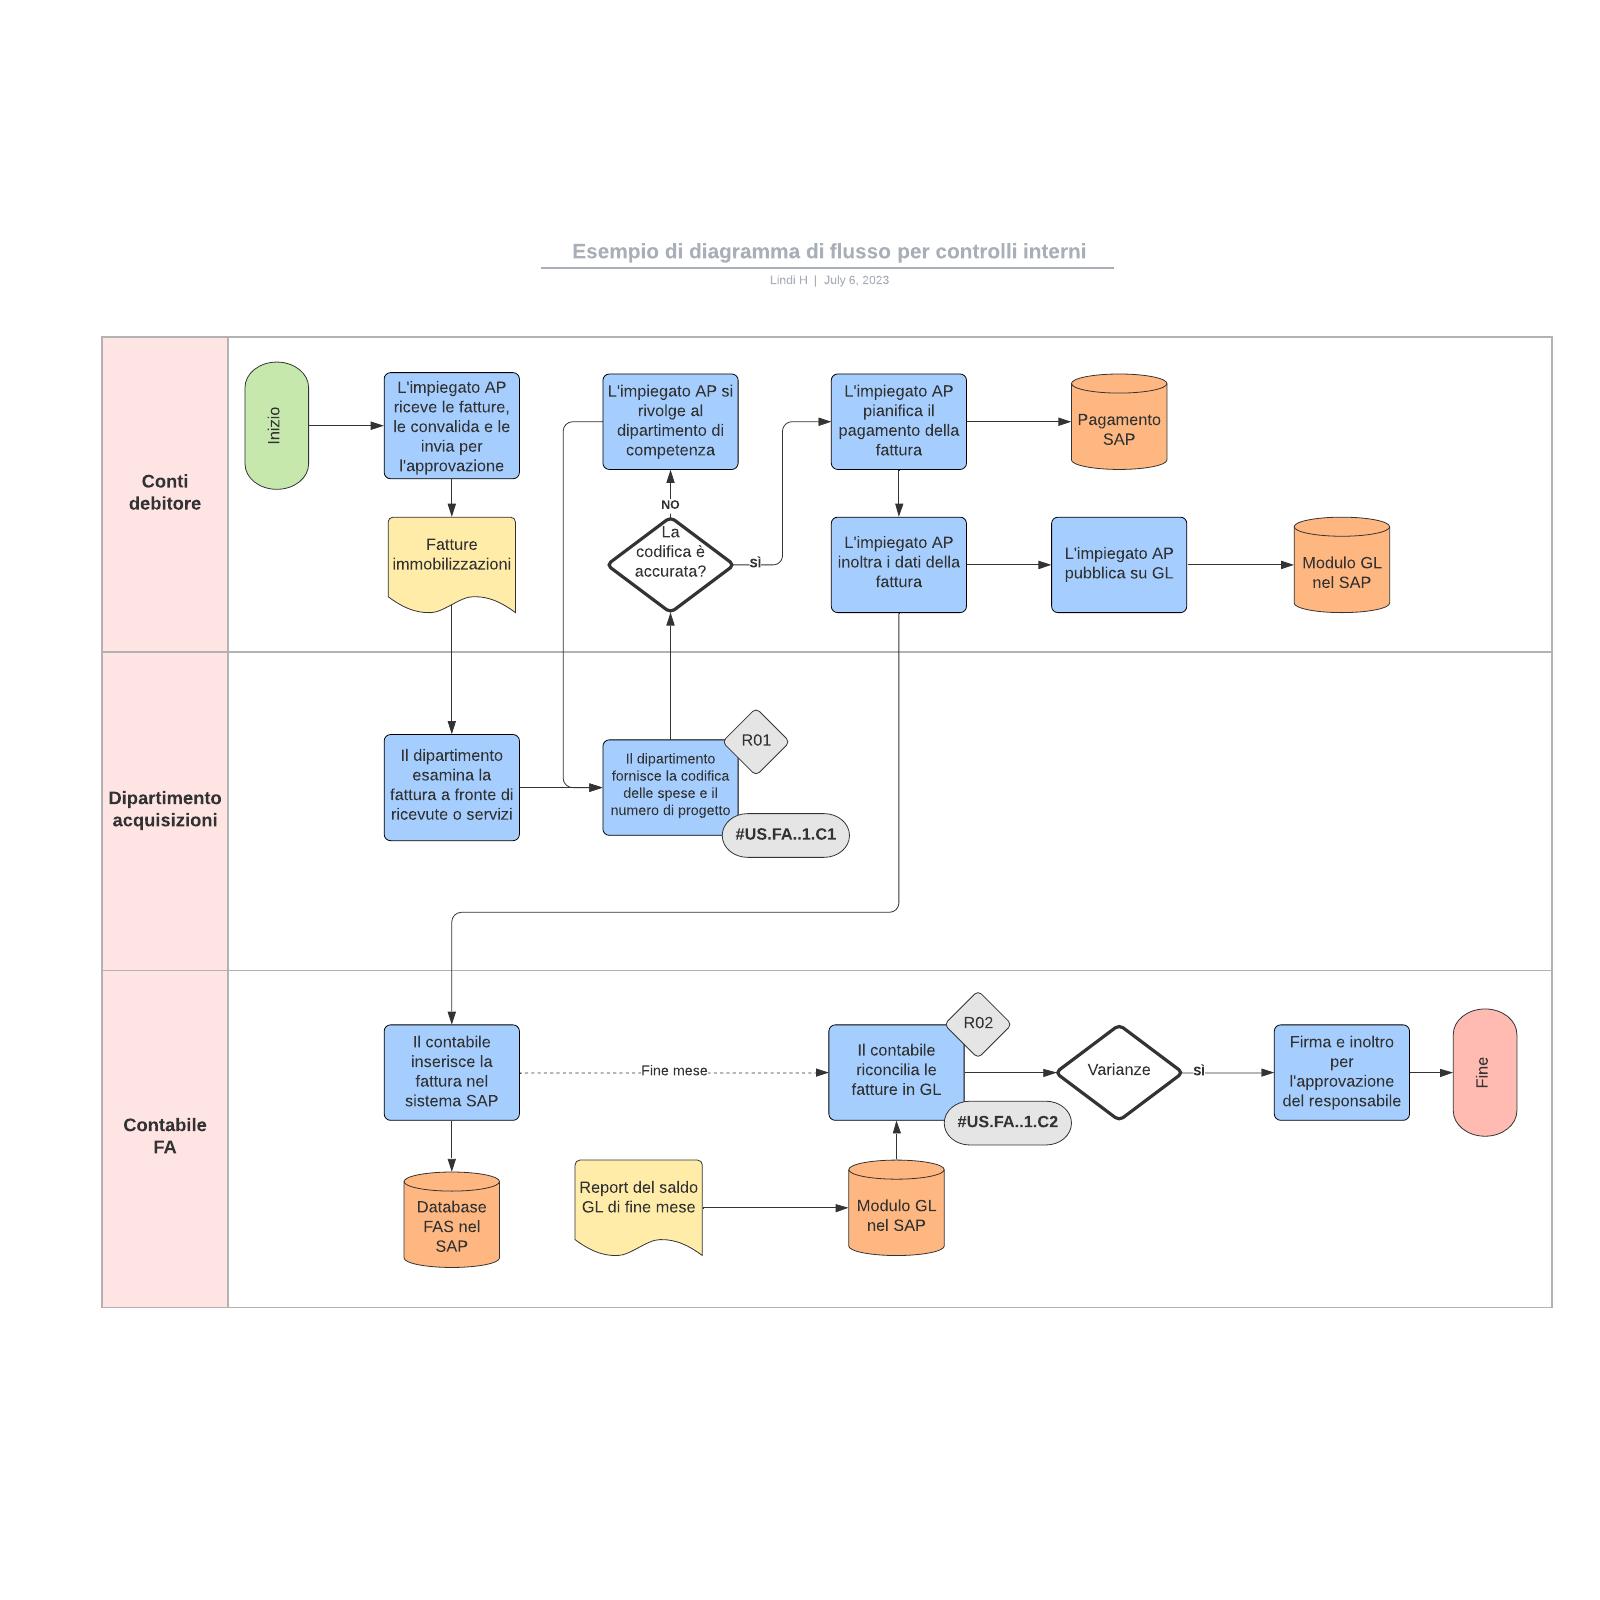 Esempio di diagramma di flusso per controlli interni